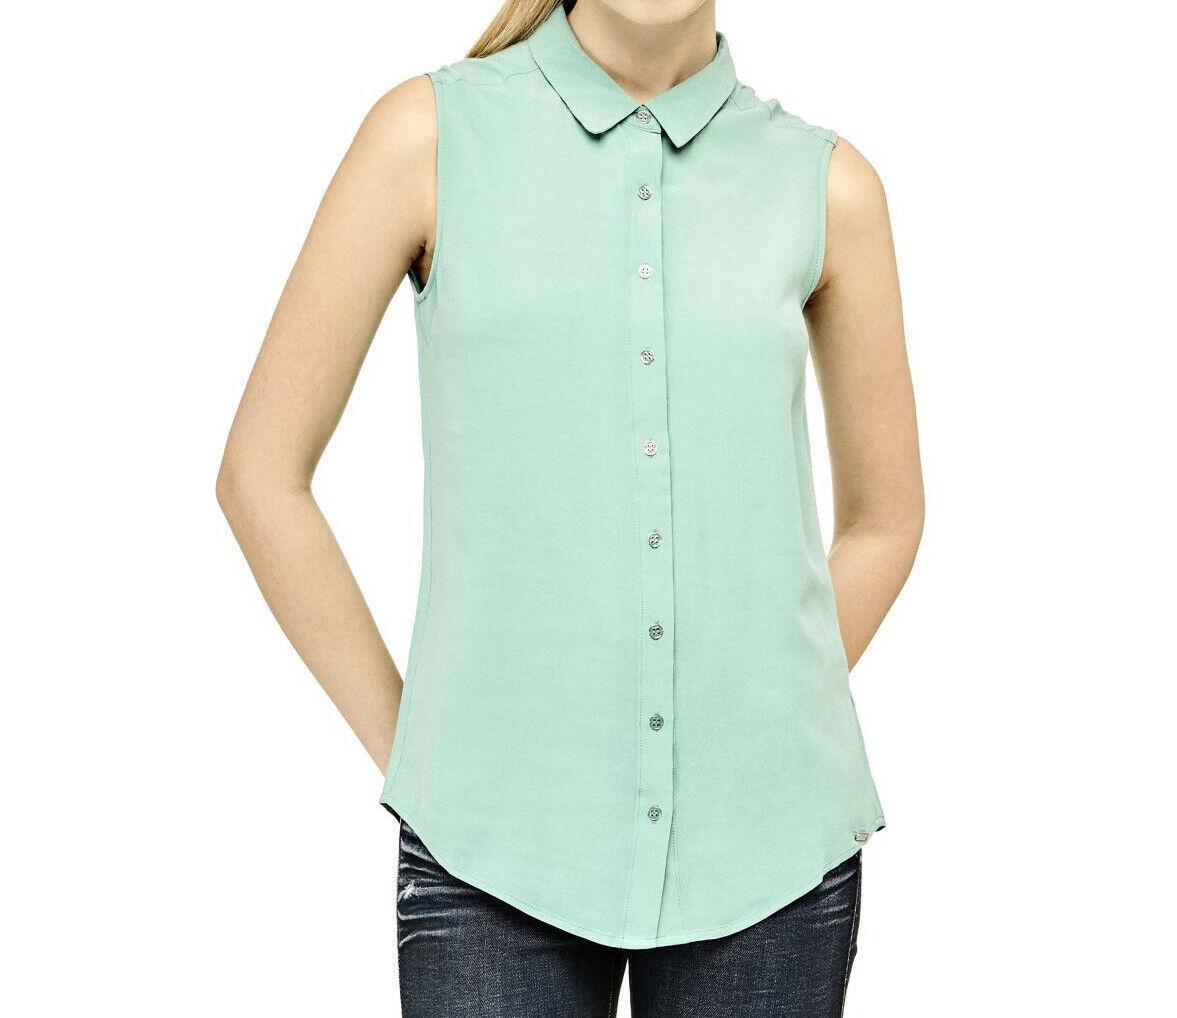 NEU!! AJC Chinohose mit femininem Blumen-Design KP 39,99 € SALE/%/%/%